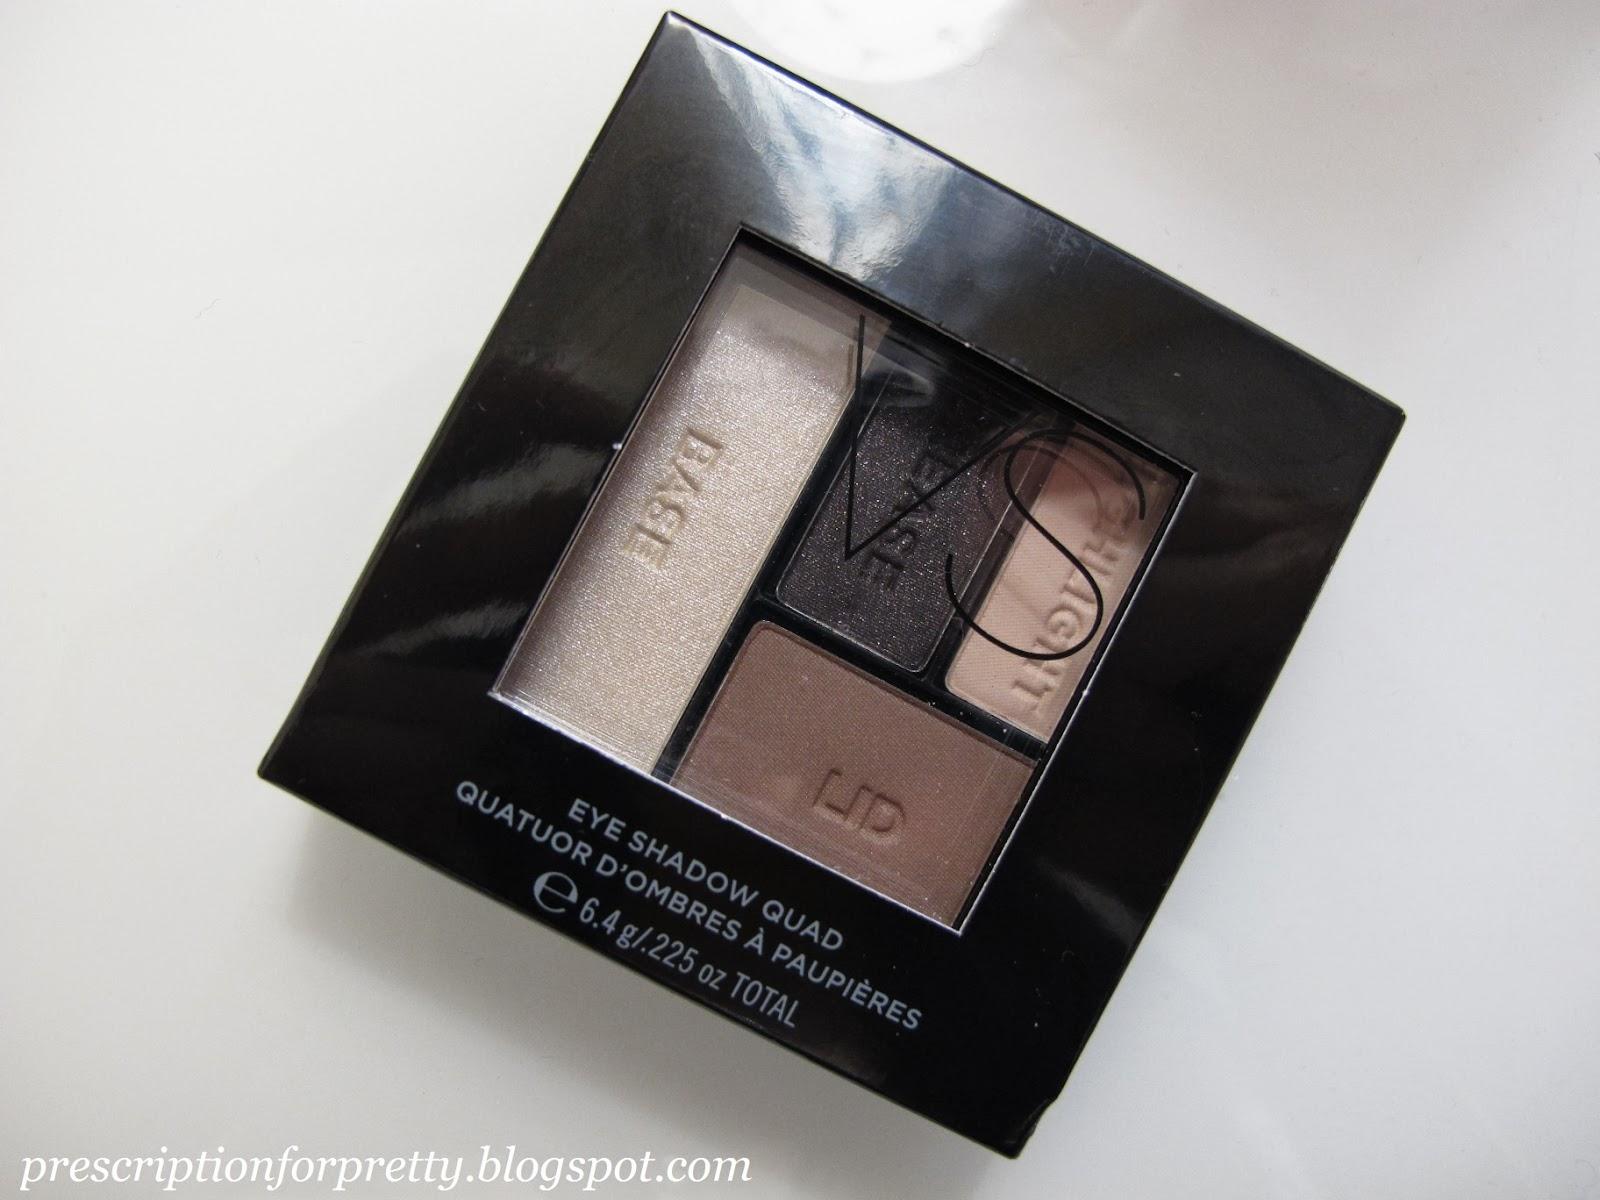 Prescription For Pretty Victorias Secret Eye Shadow Quad In Plenty